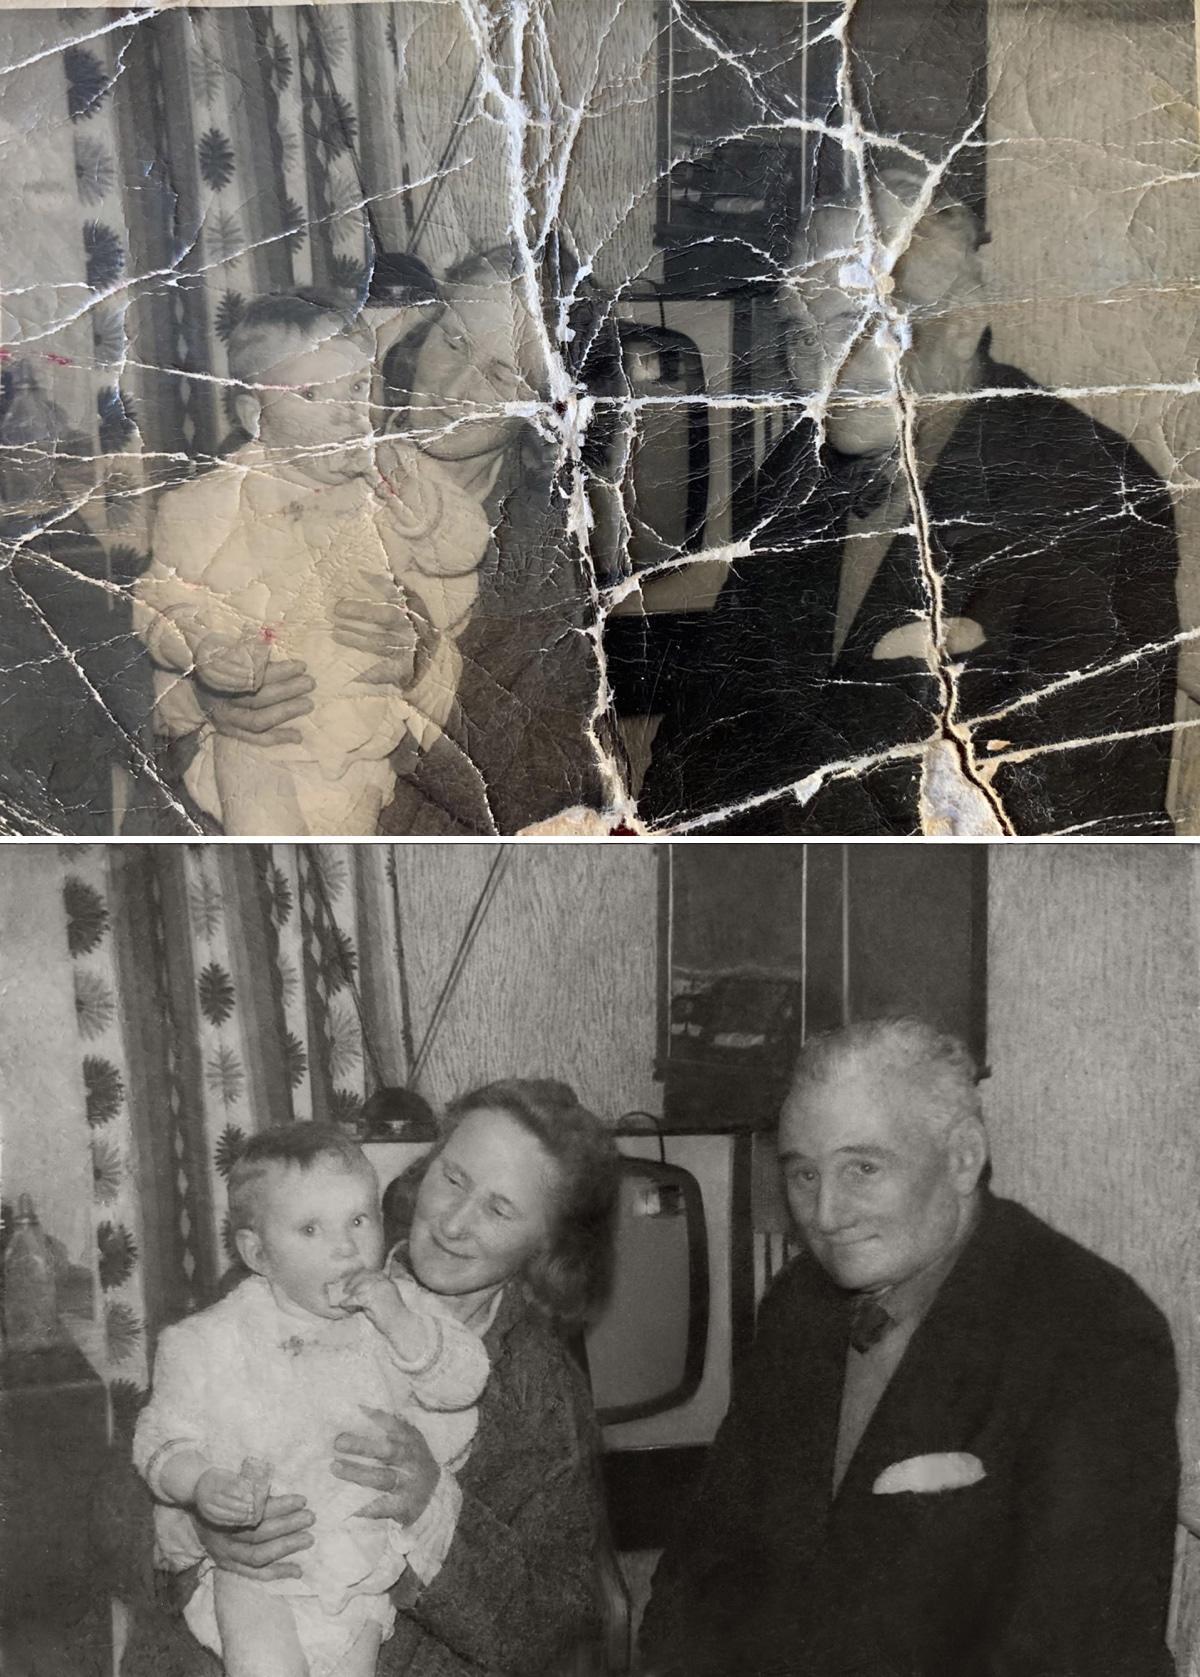 Trabajo de restauración de fotos antiguas de Michelle Spalding